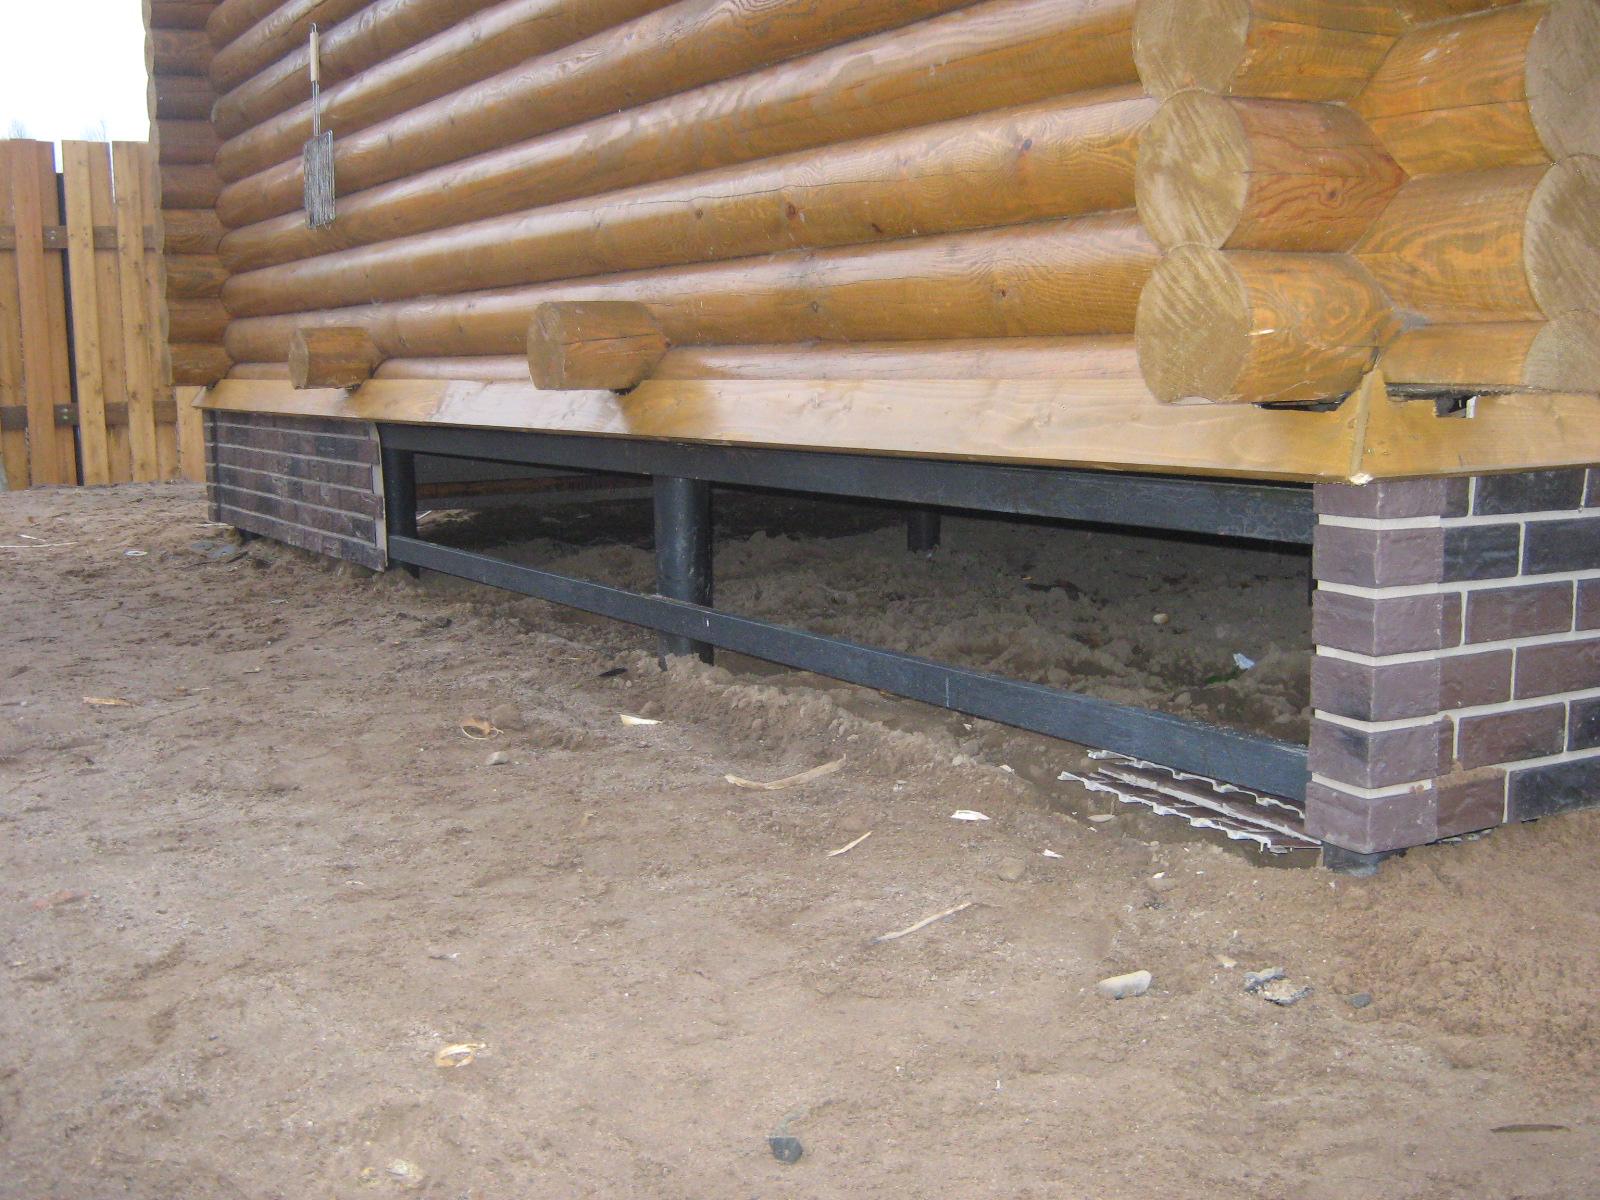 Отделку свайного винтового фундамента можно выполнить с применением разнообразных материалов, однако предпочтительнее использовать сайдинговые панели под камень